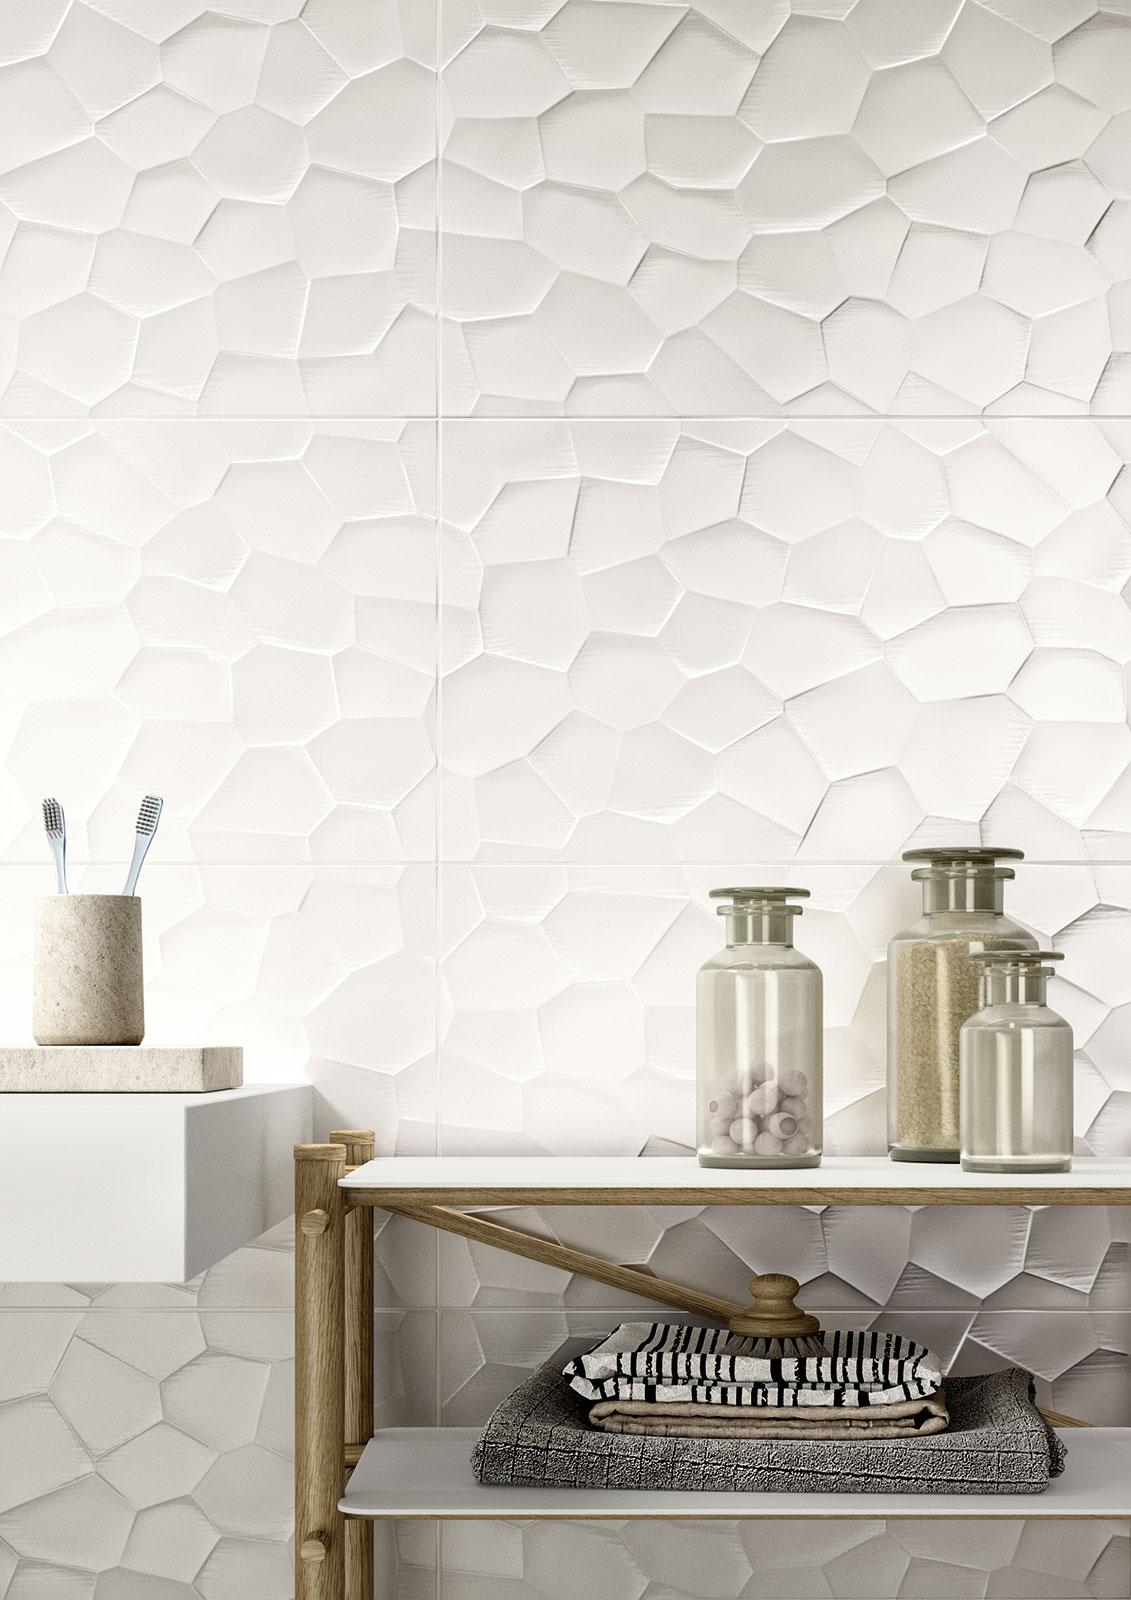 Piastrelle Cucina Marazzi - Idee per la progettazione di ...